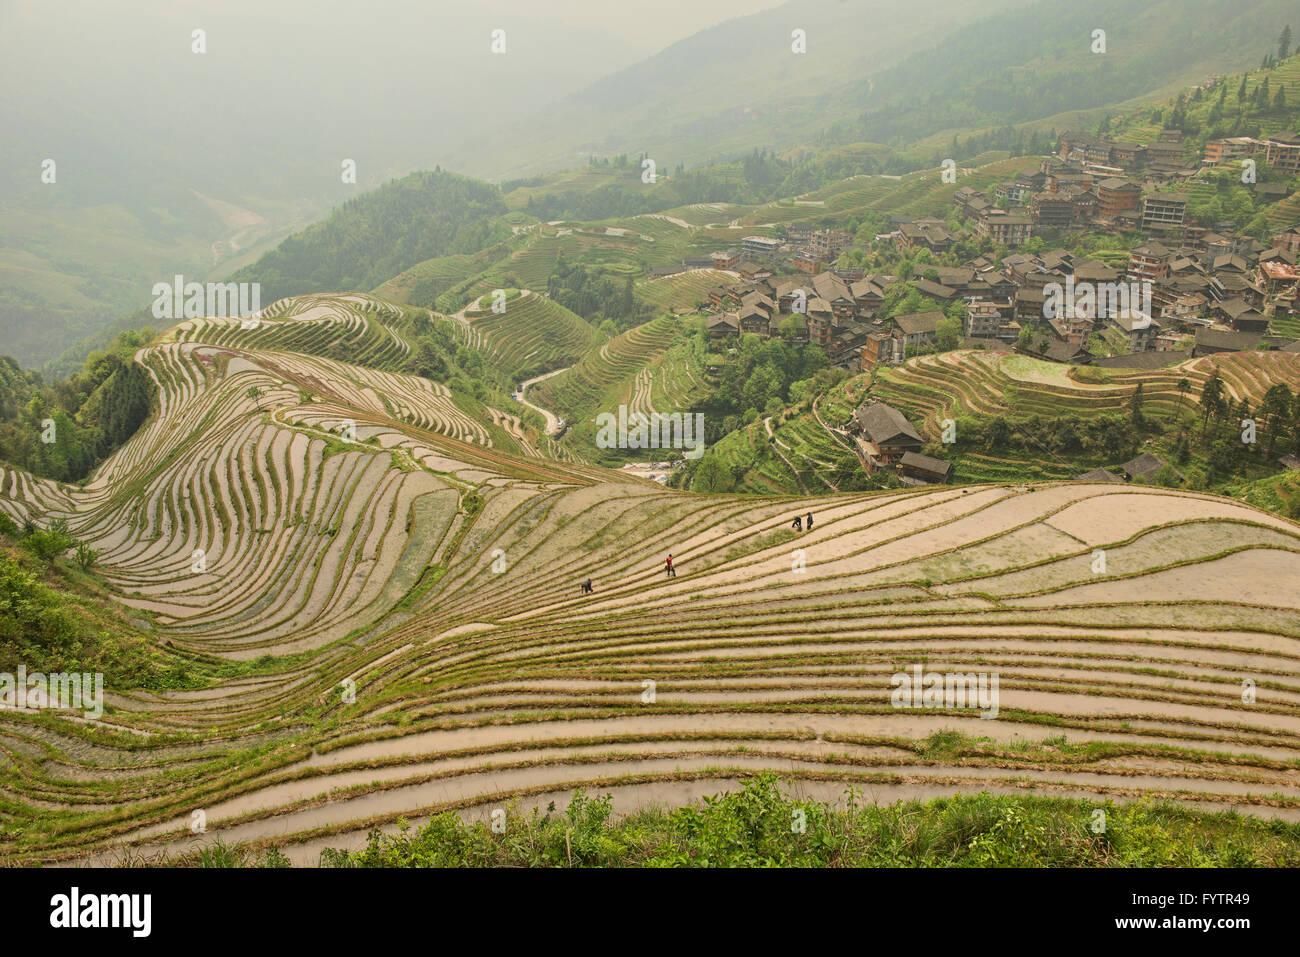 Les magnifiques rizières en terrasse de Ping'an dans la région autonome du Guangxi, Longji, Chine Photo Stock